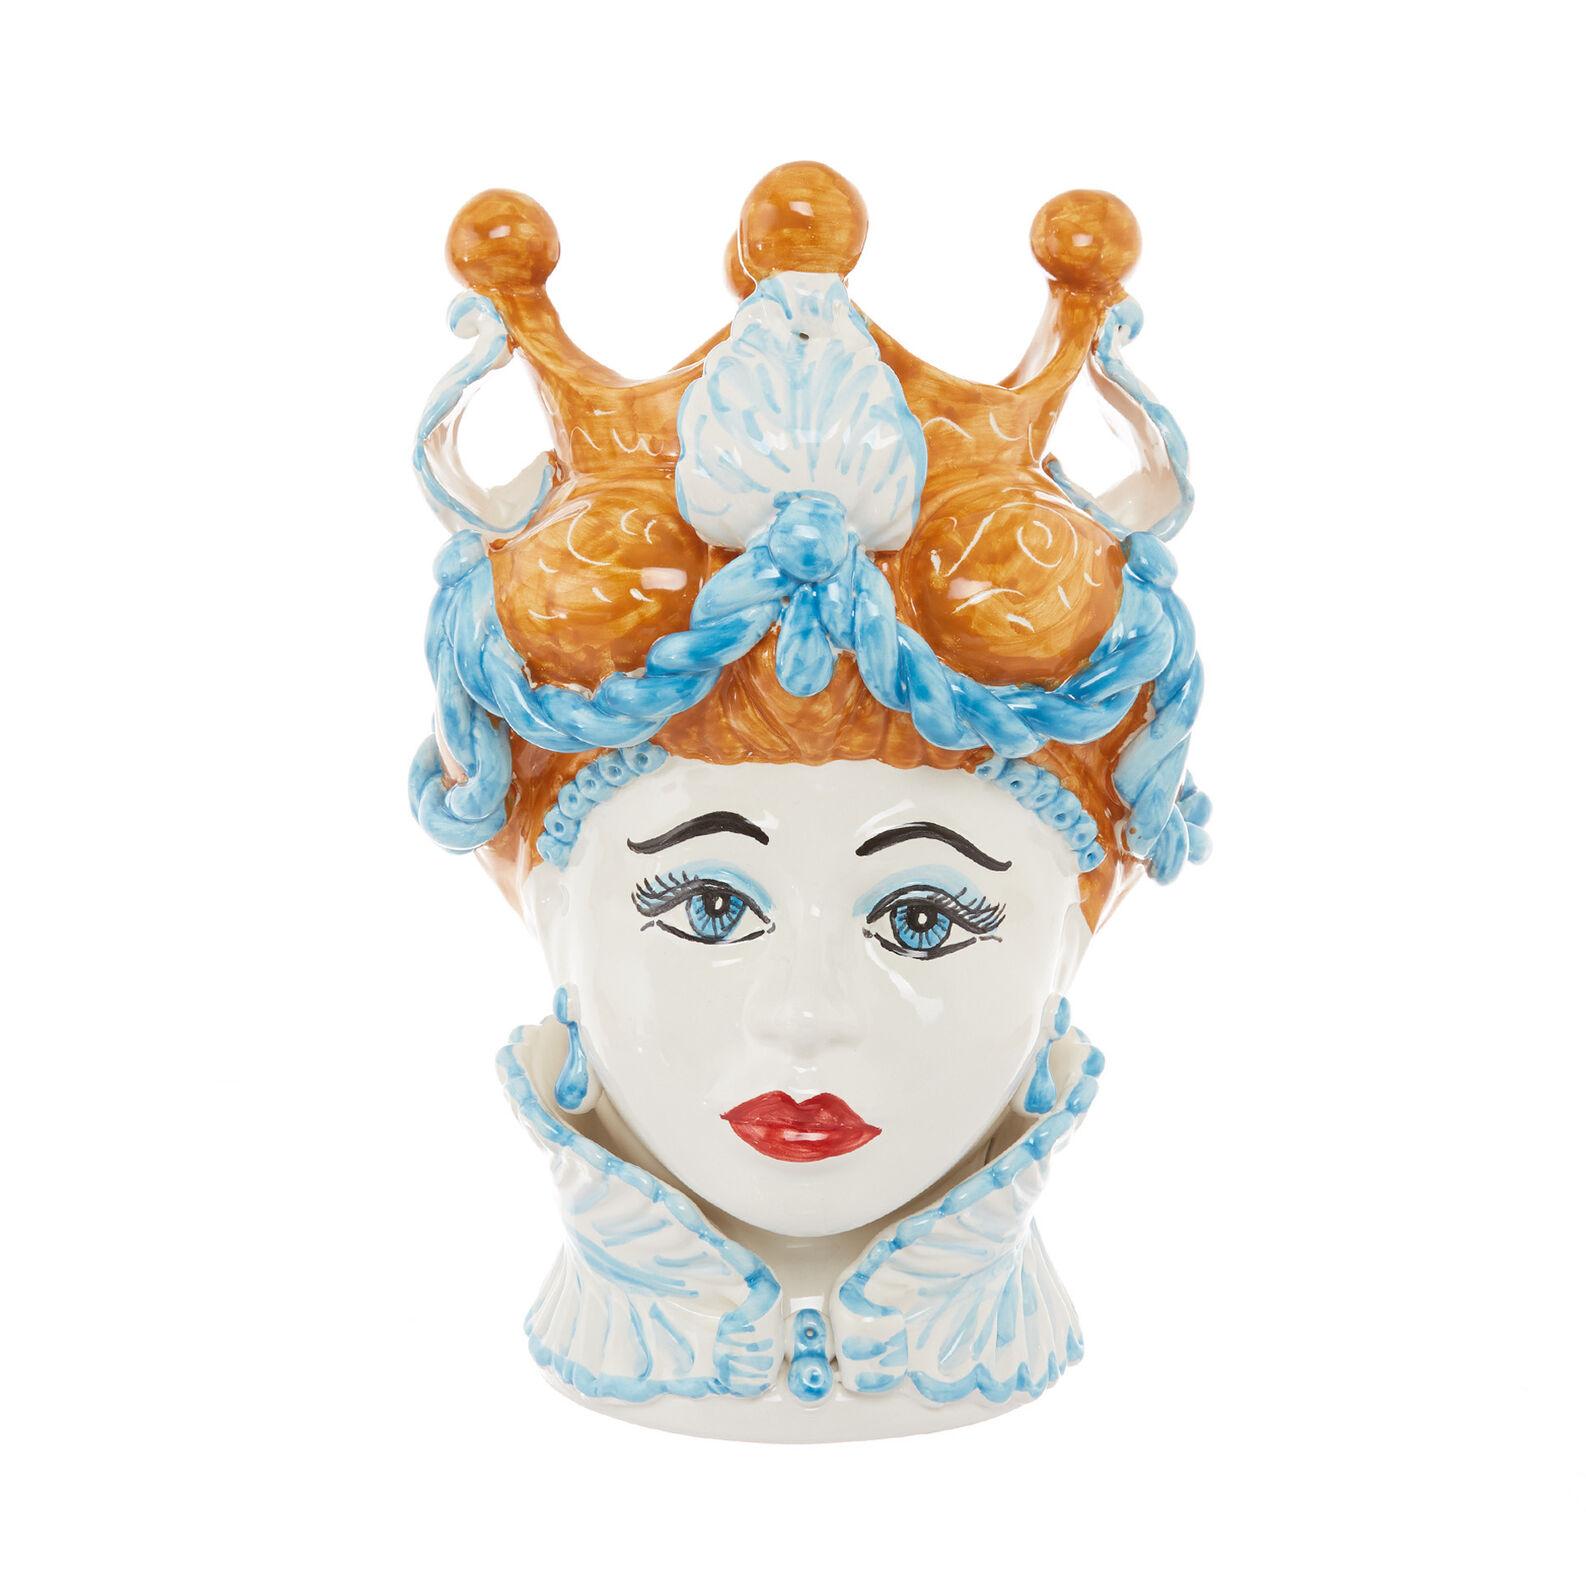 Testa di moro arabesque by Ceramiche Siciliane Ruggeri